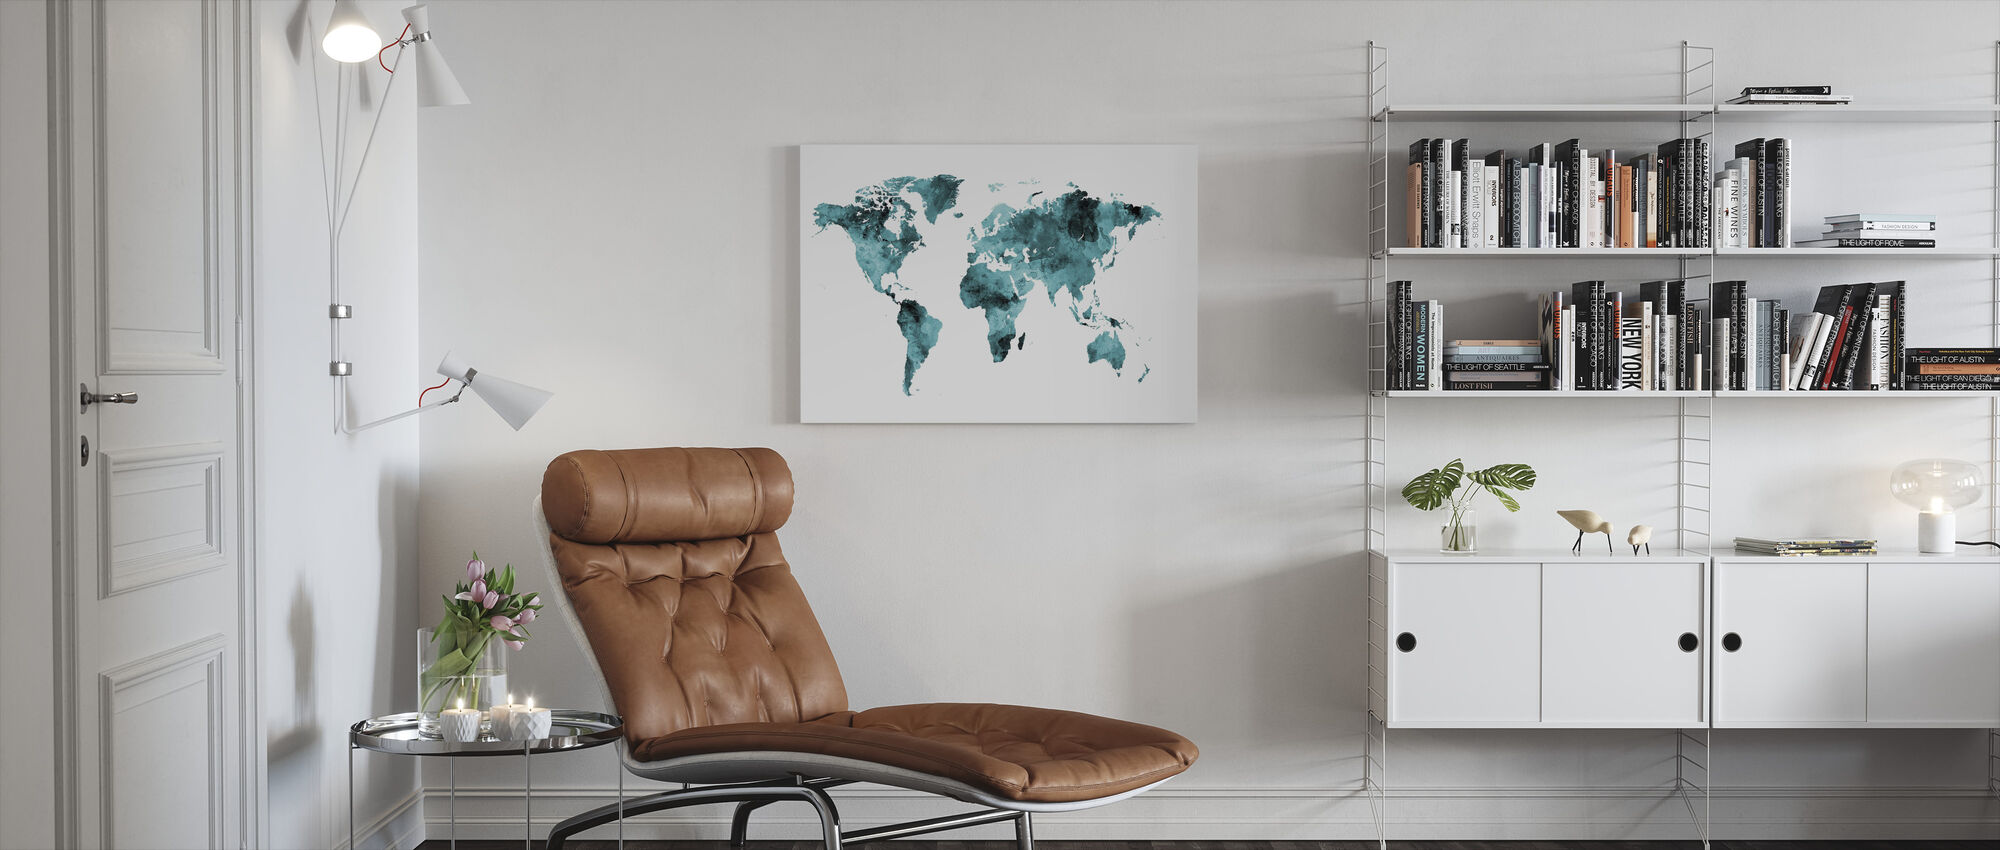 Aquarel Wereld Kaart Turkoois - Canvas print - Woonkamer